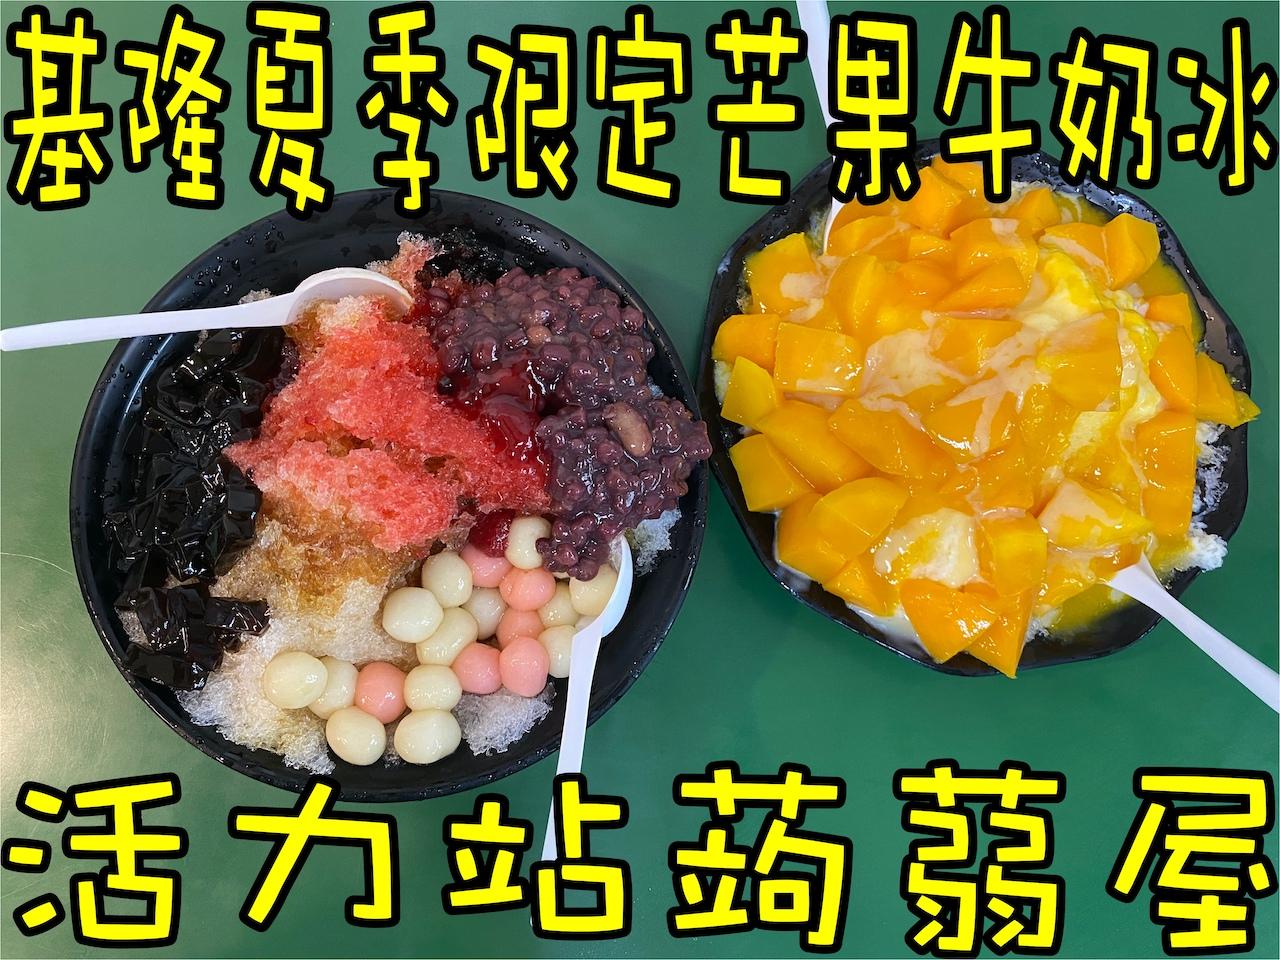 [食記]基隆夏季限定芒果牛奶冰 料多實在好美味 在地人排隊名店 活力站蒟蒻屋